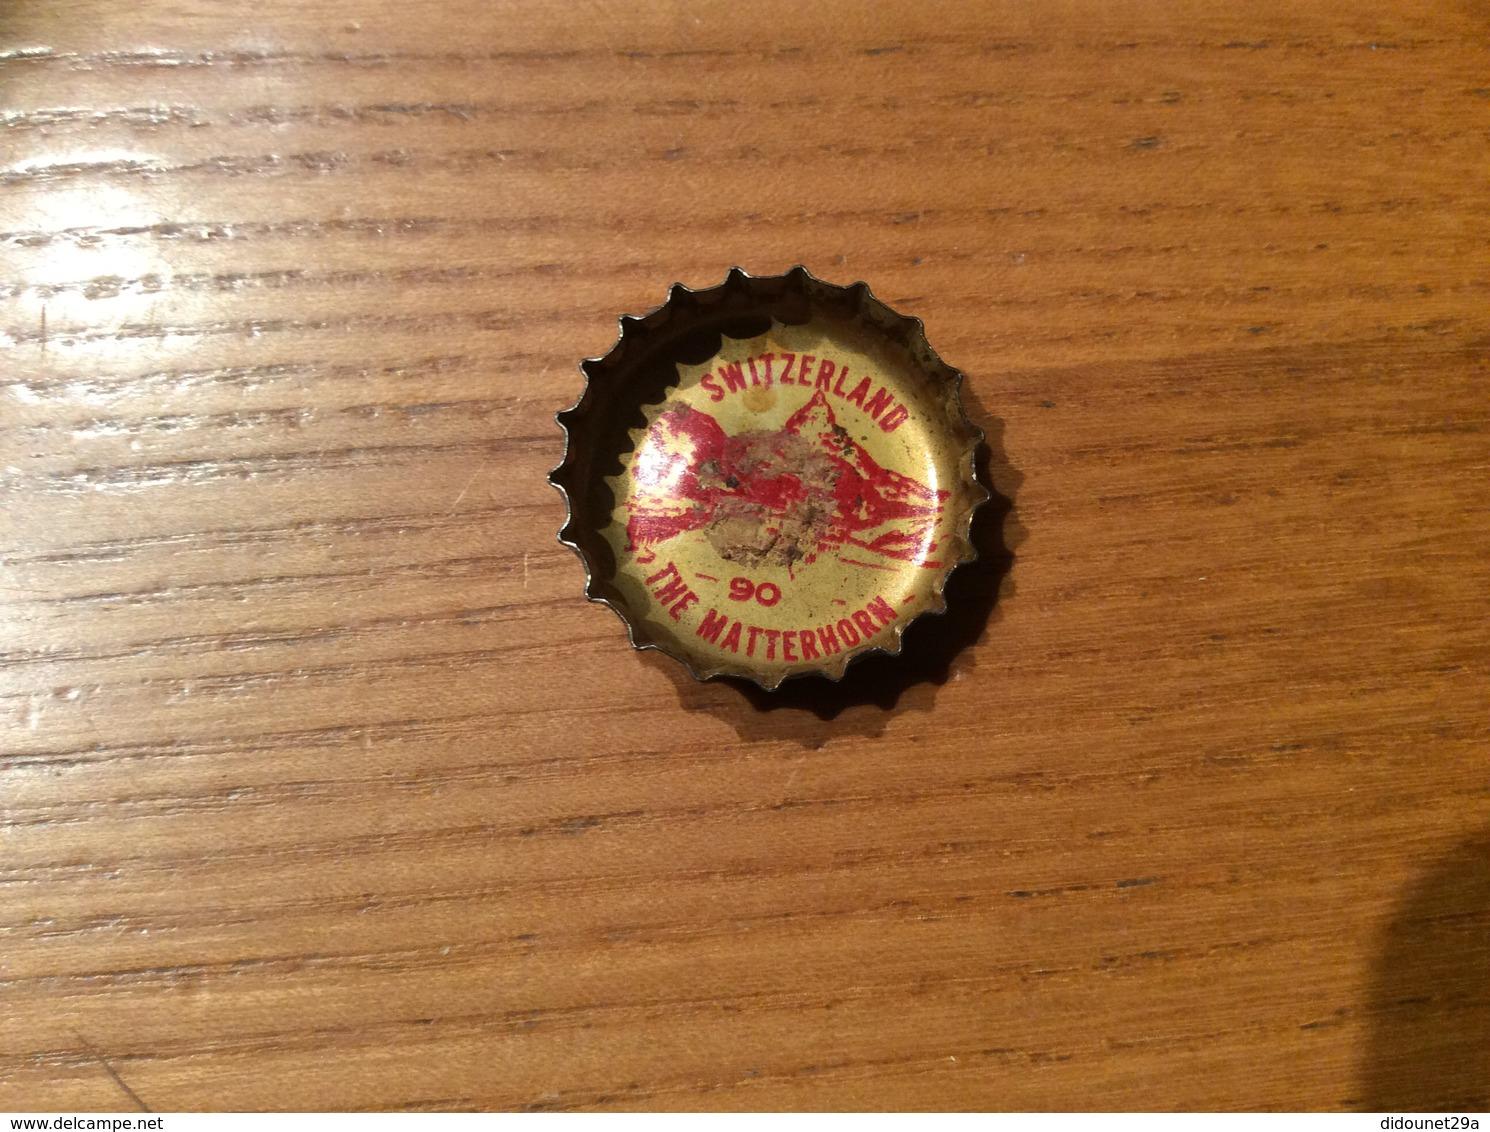 """Ancienne Capsule """"Coke N°90 - SWITZERLAND - THE MATTERHORN""""Etats-Unis (USA) Coca-Cola, Série Pays (Liège Enlevé) - Soda"""